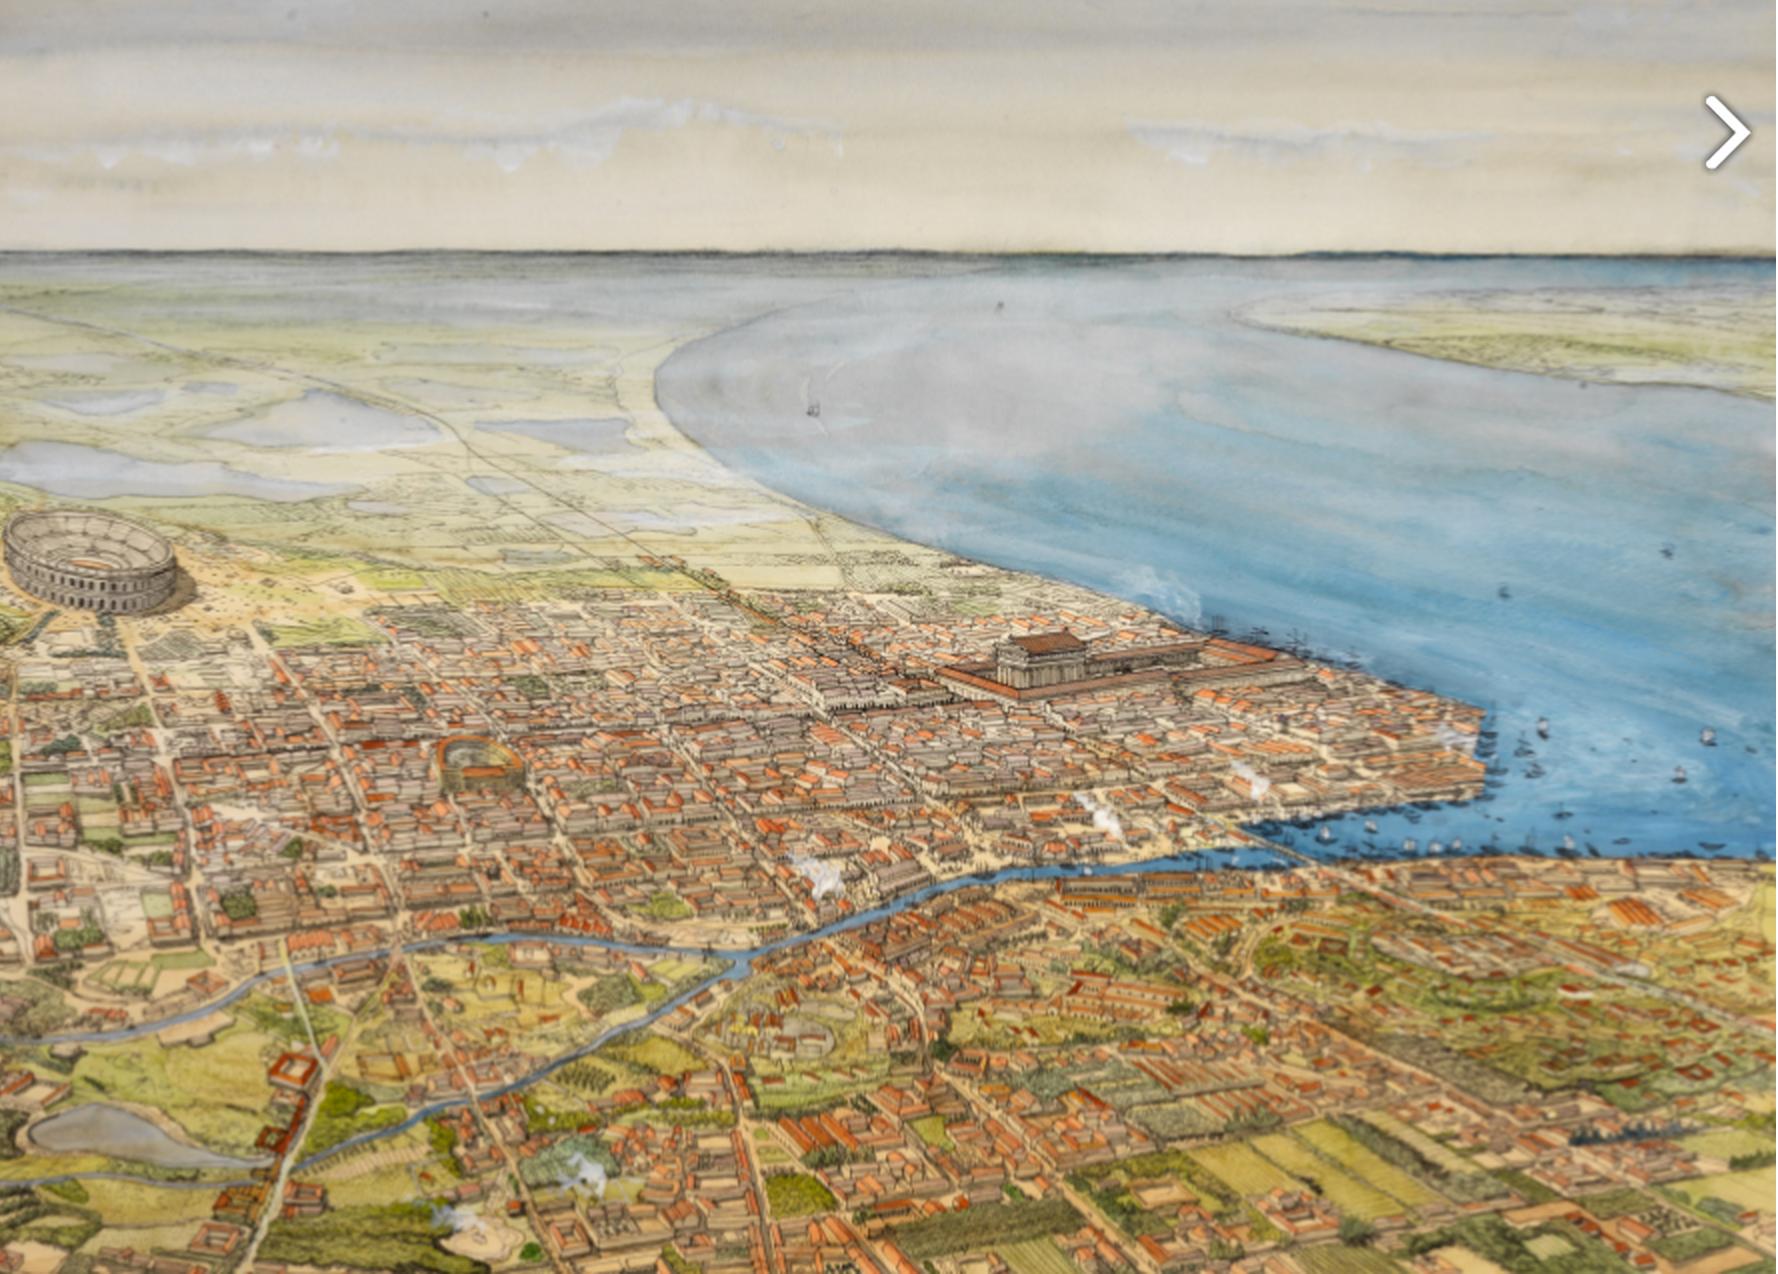 Бурдигала, большой, красивый и открытый, древне-римский город в 3 веке